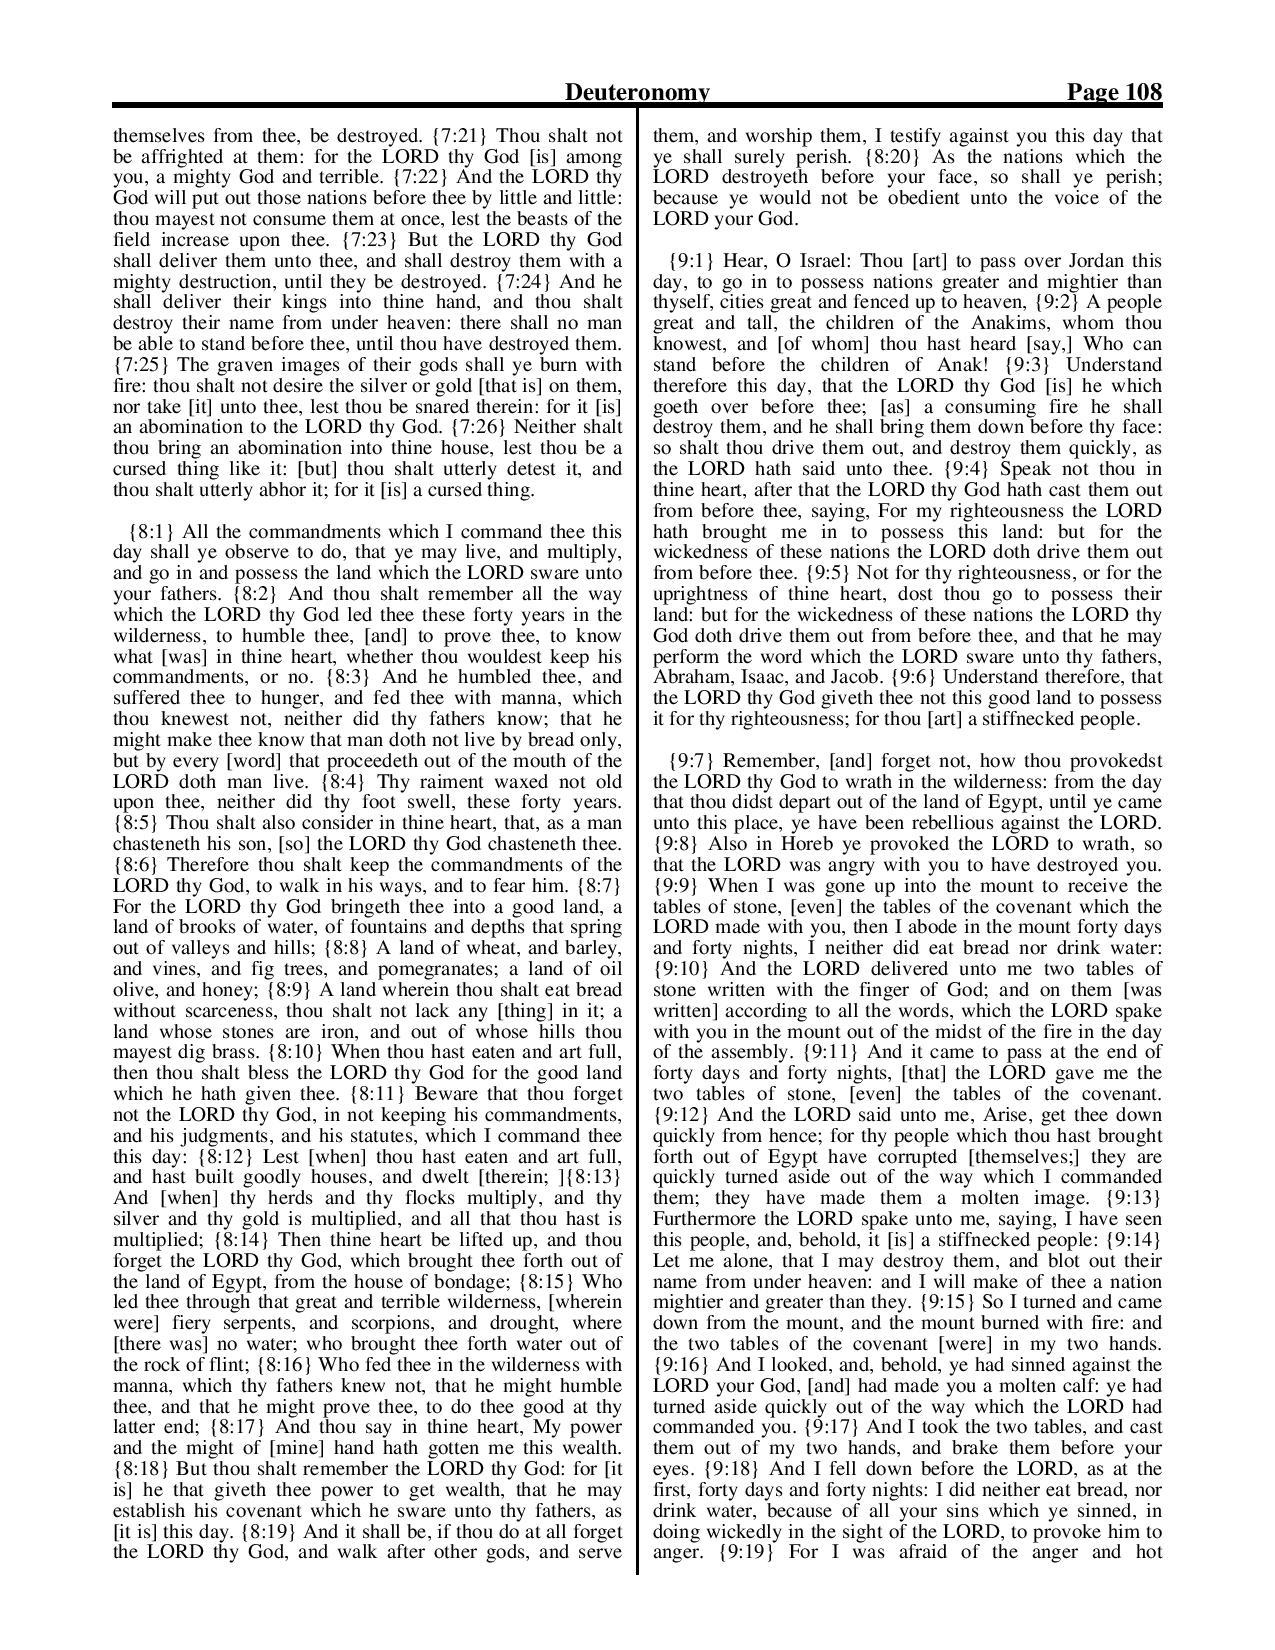 King-James-Bible-KJV-Bible-PDF-page-129